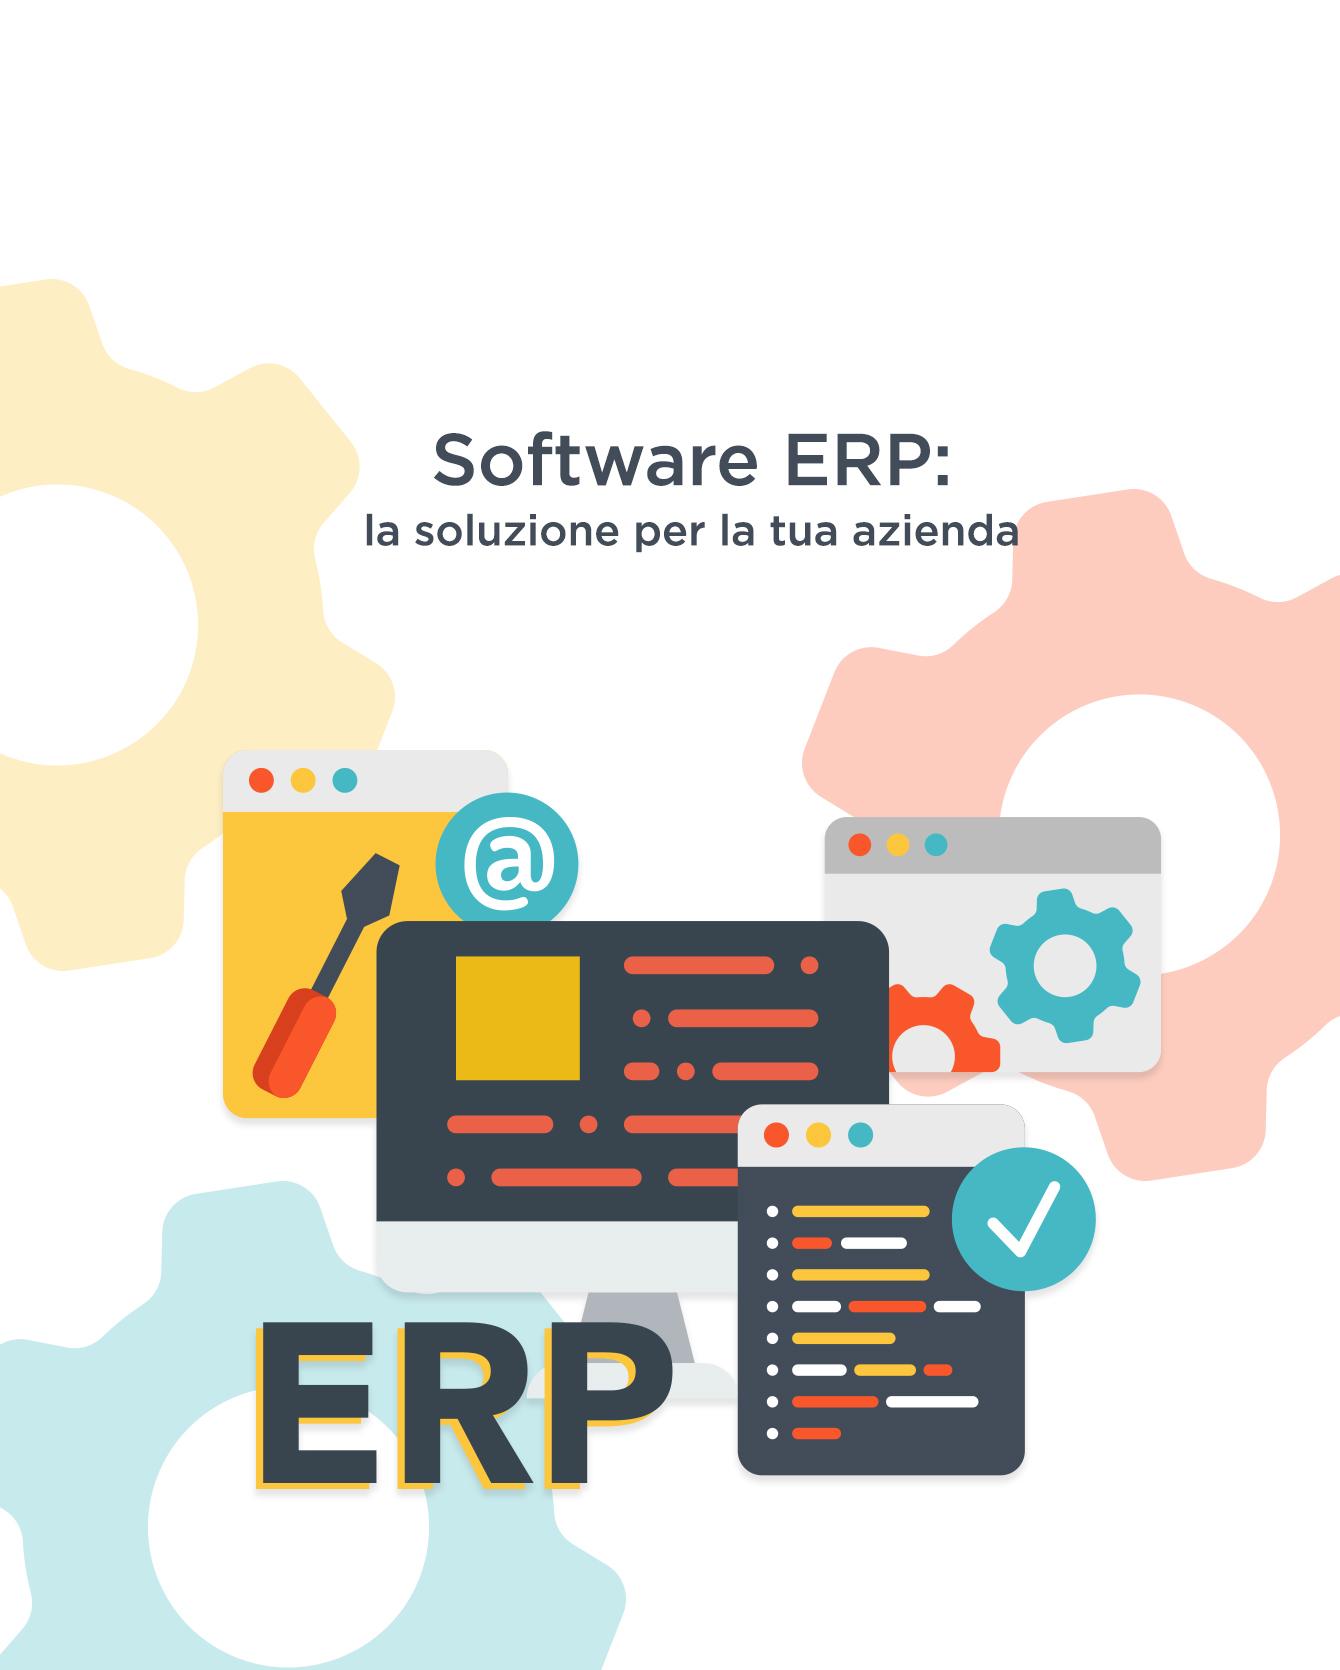 Software ERP: la soluzione per la tua azienda